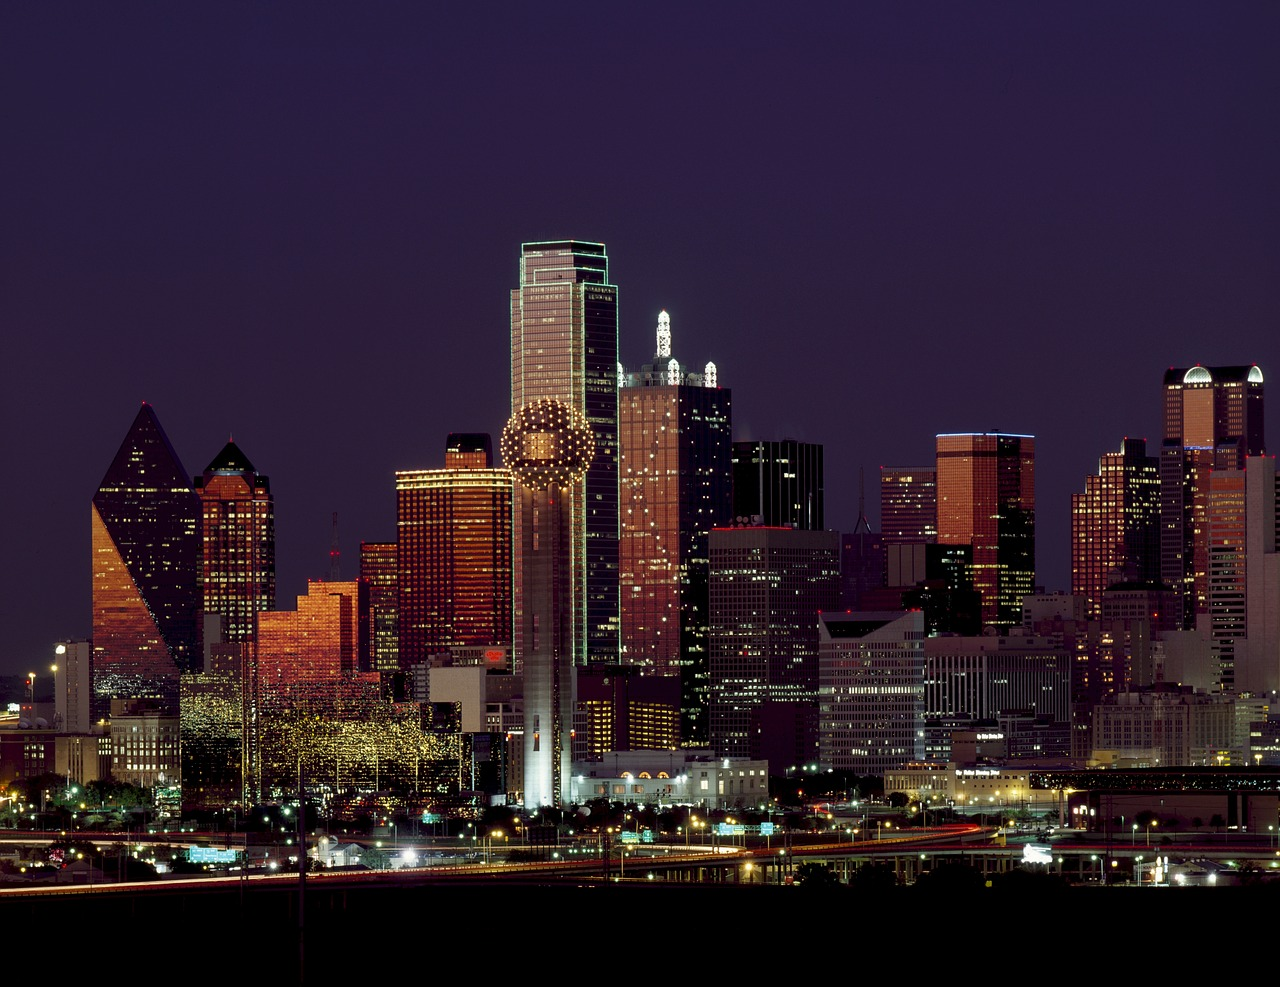 Dallas bu Night